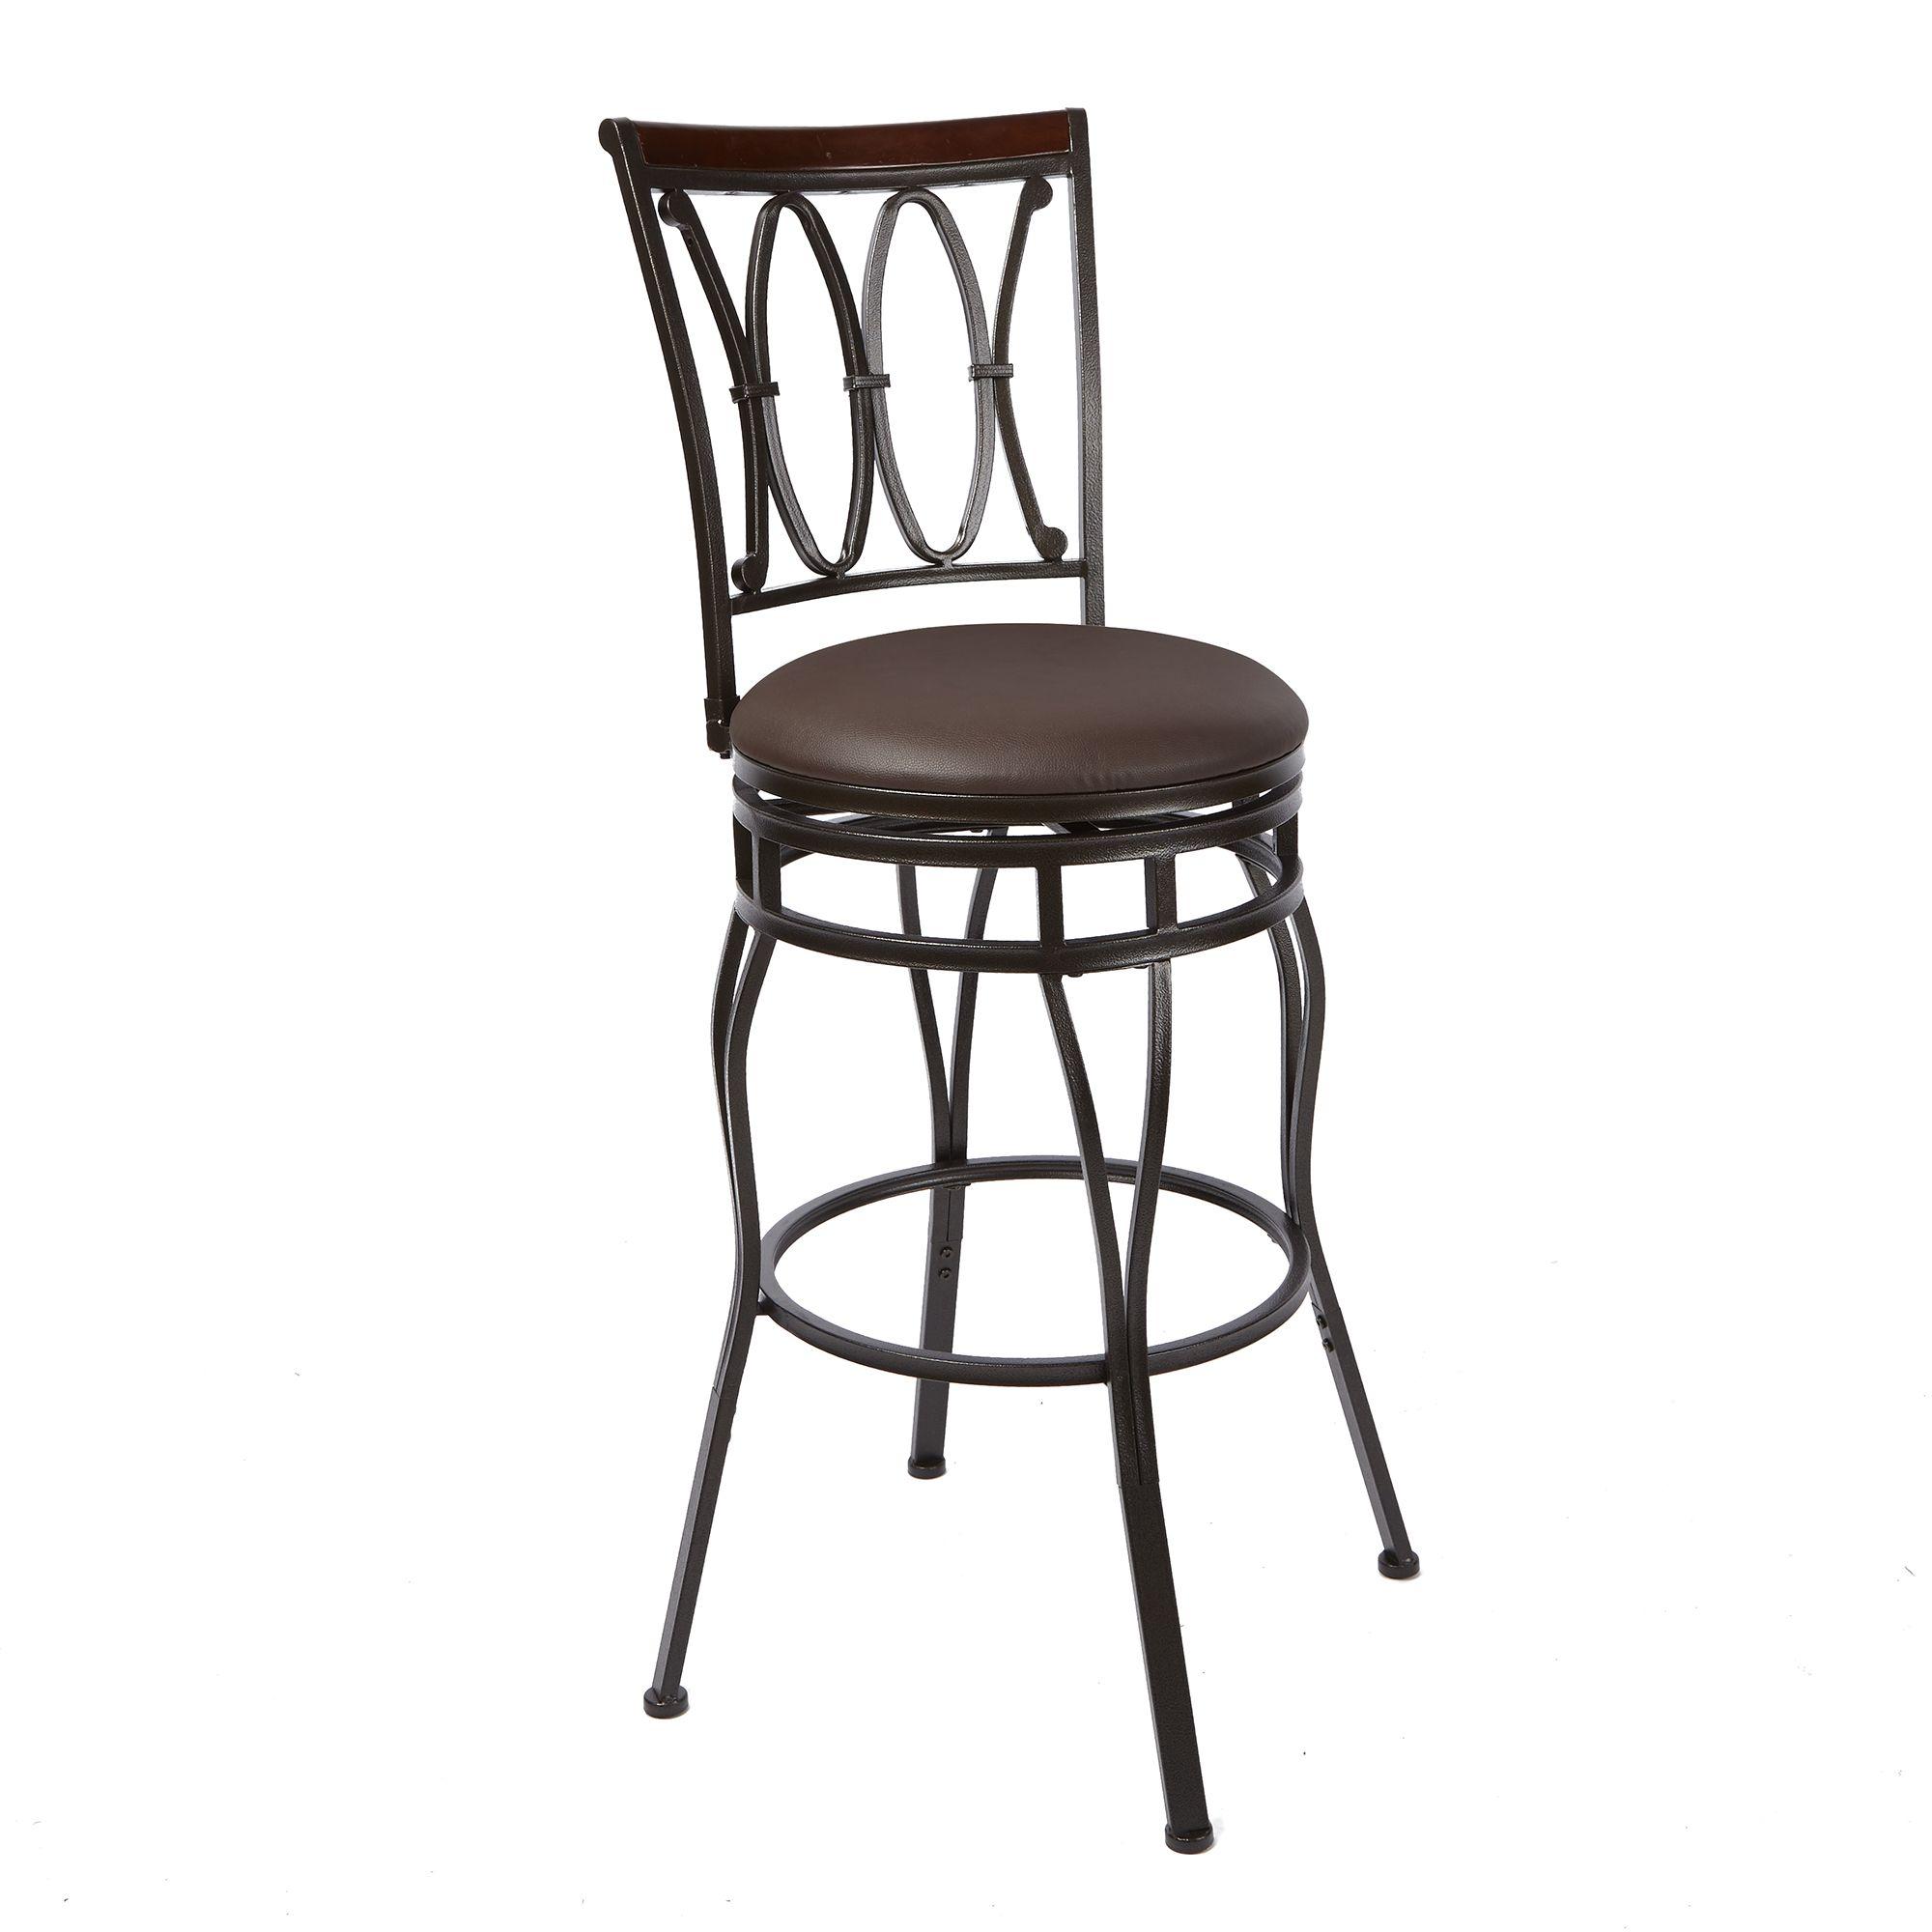 Kauf Bar Hocker Stuhlede Com In 2020 Adjustable Bar Stools Bar Stools Swivel Bar Stools